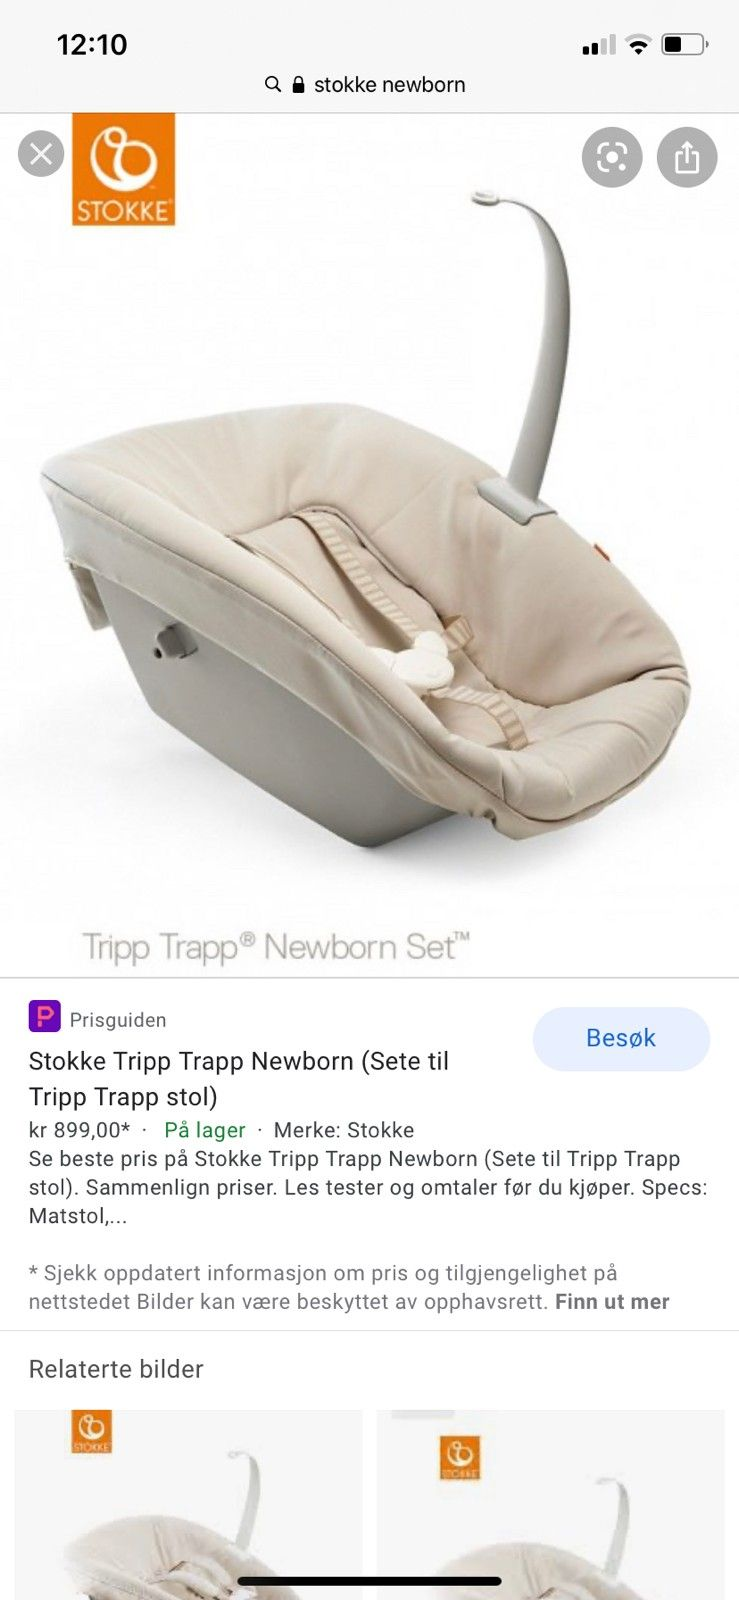 Best pris på Stokke Tripp Trapp Baby Set Se priser før